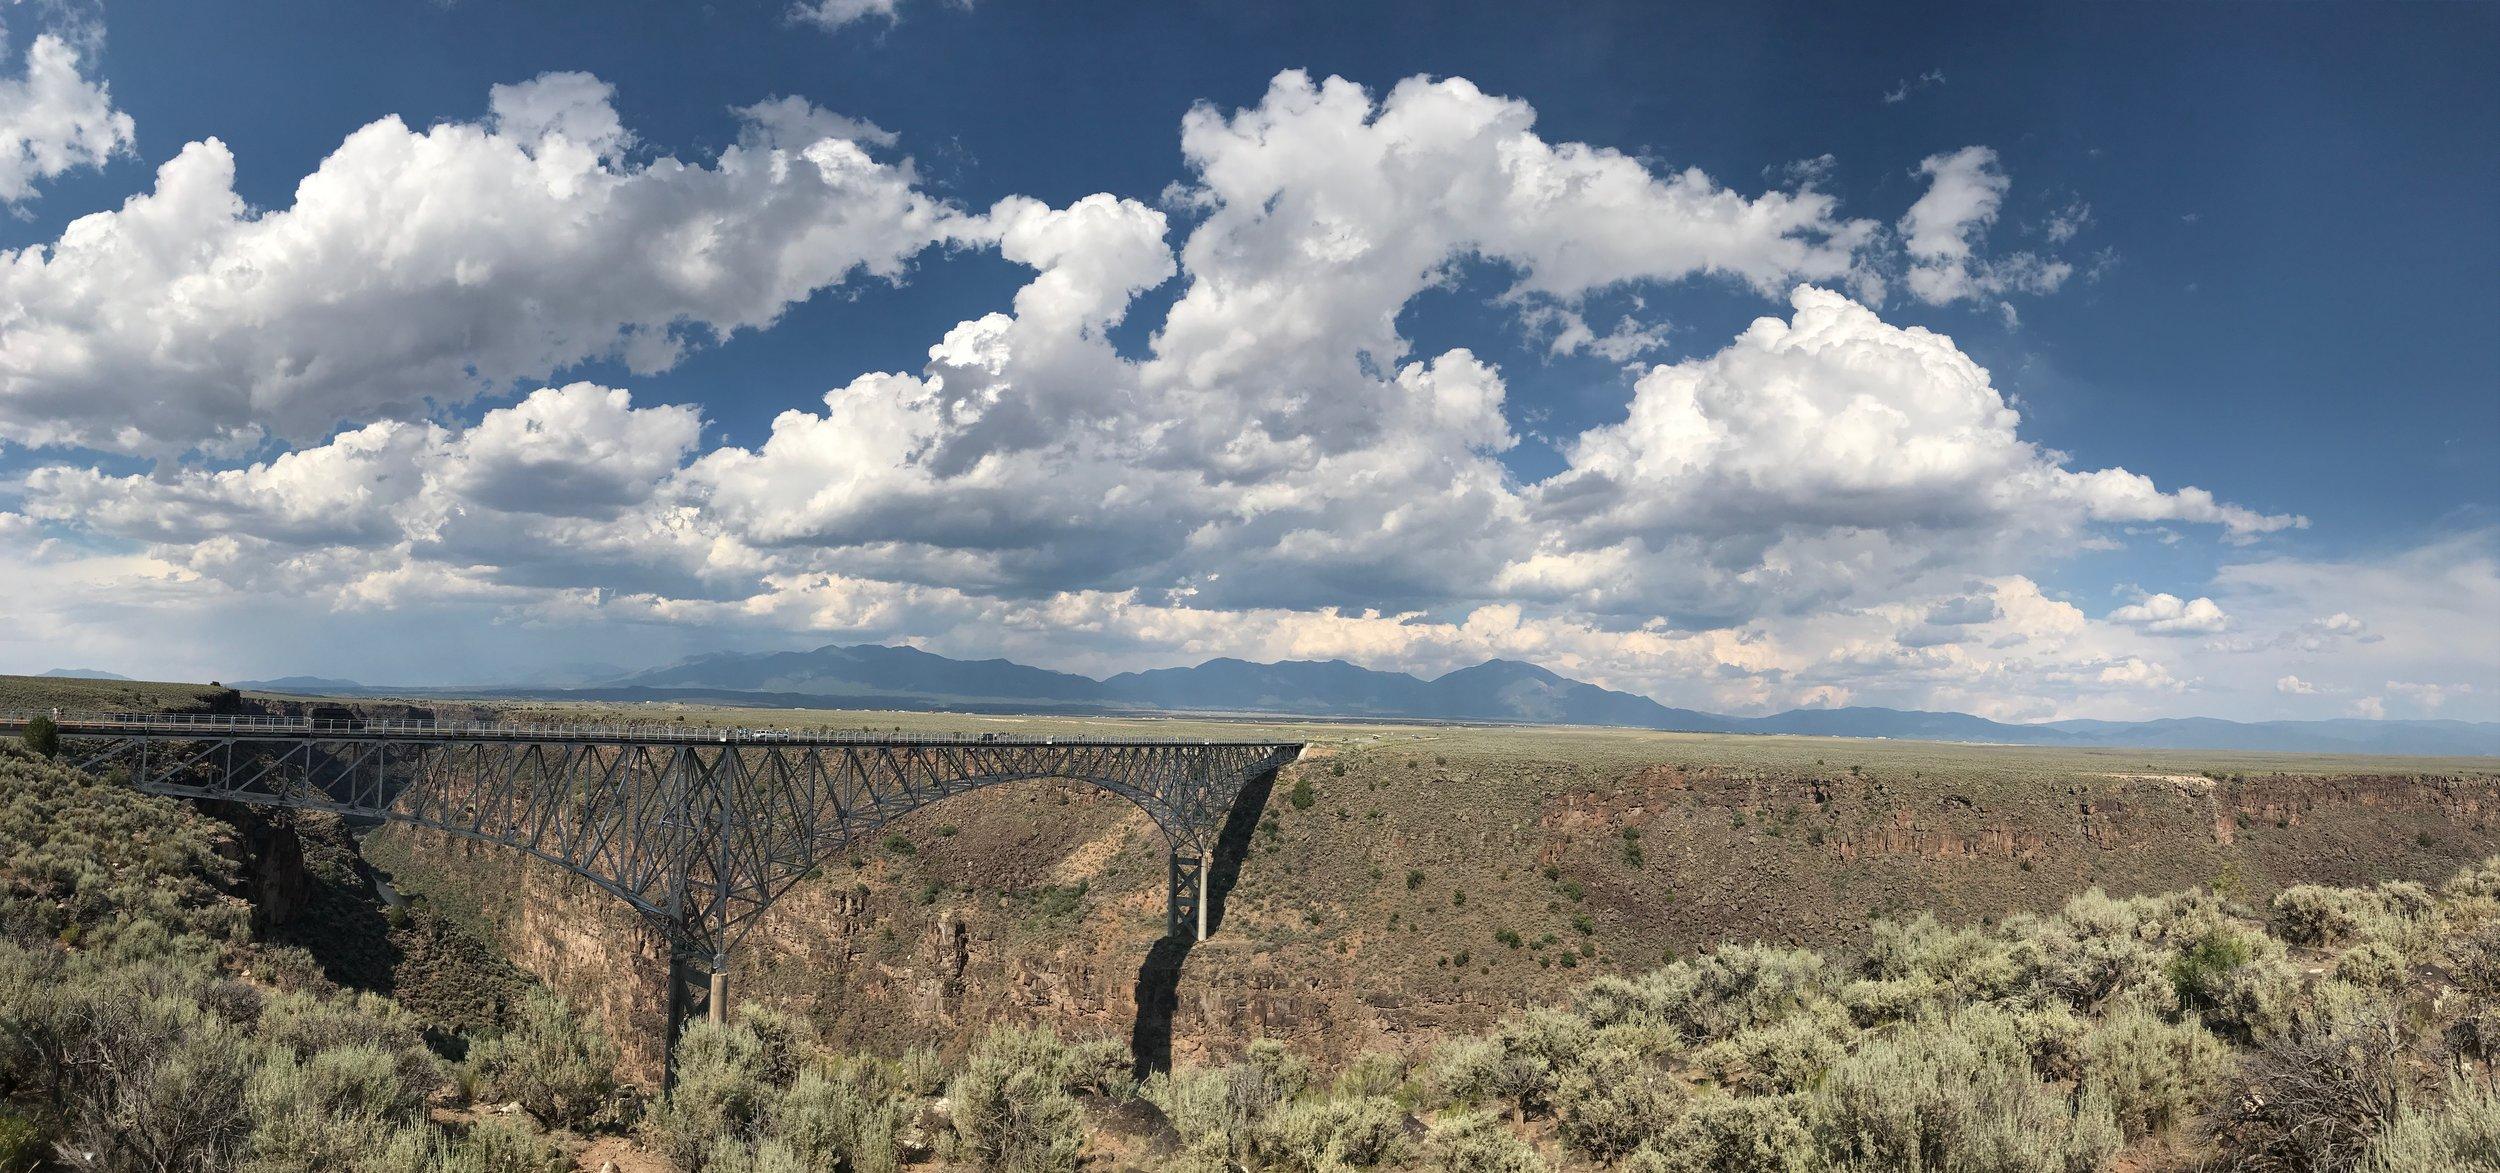 Rio Grande Gorge, New Mexico